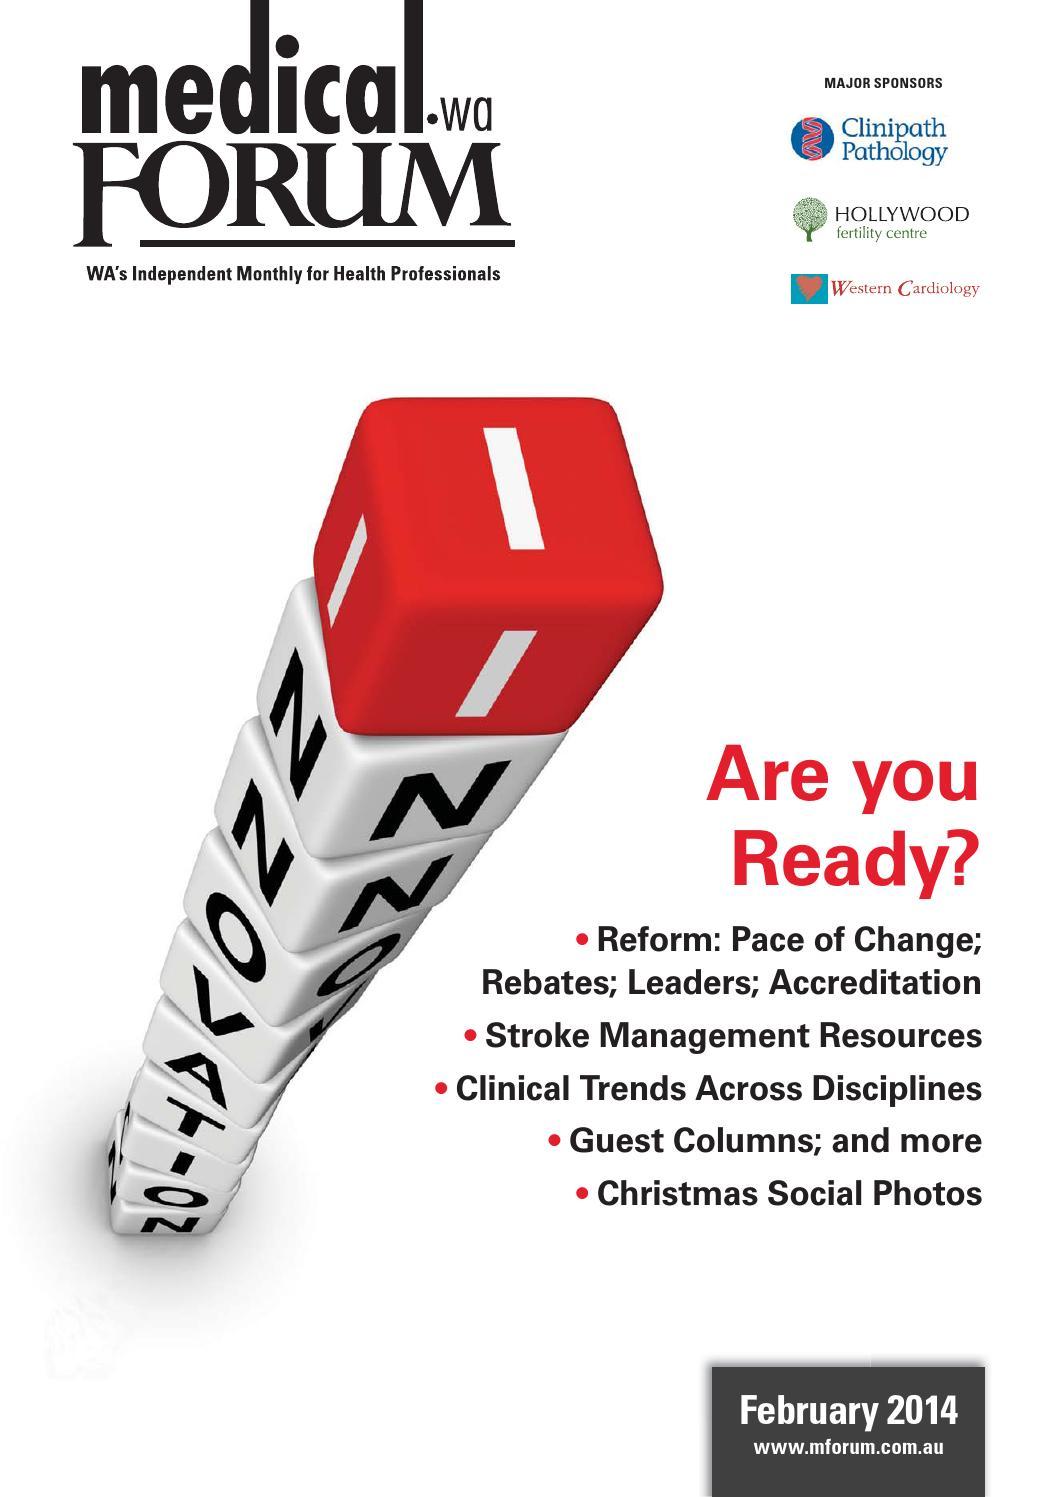 Medical Forum 02/14 Public edition by Medical Forum WA - issuu